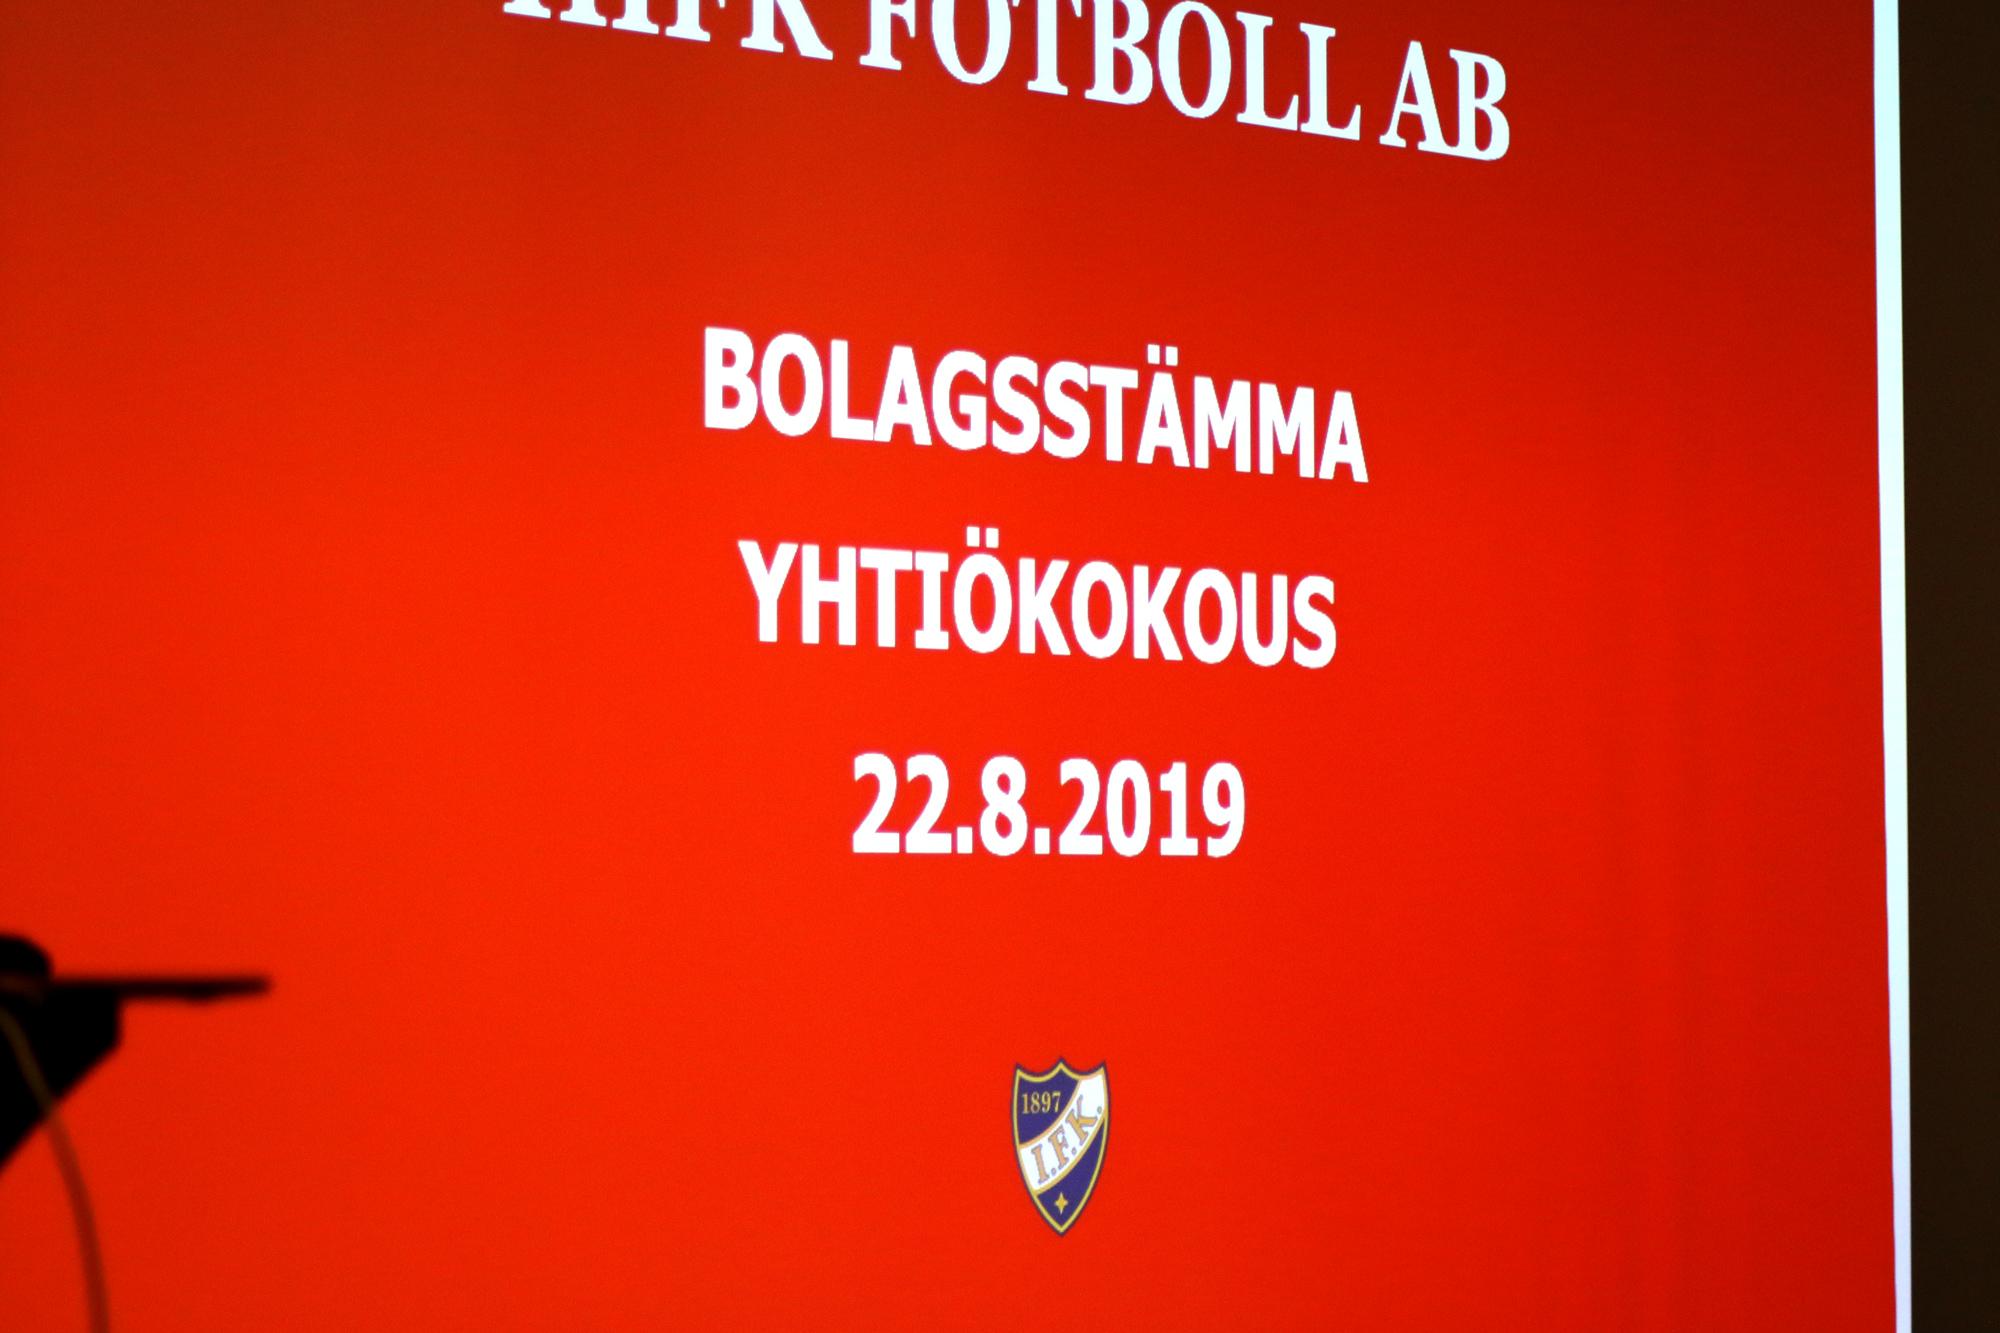 HIFK Fotboll Ab piti yhtiökokouksen 22.8.2019